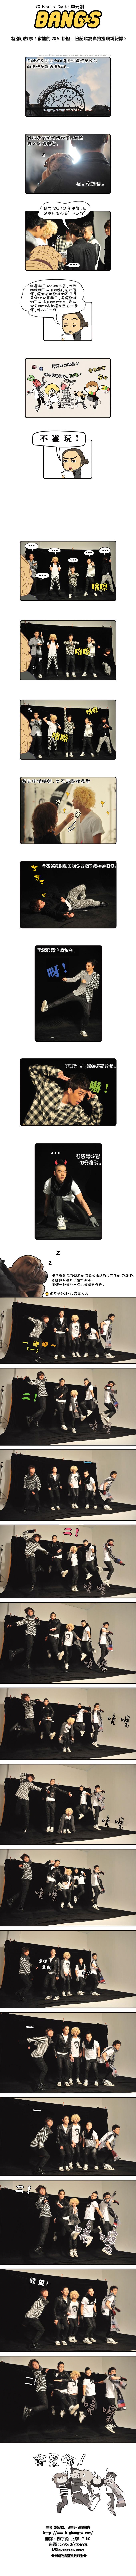 中譯 20091202_特別小故事 家號的2010掛曆日記本寫真拍攝現場紀錄 2.png